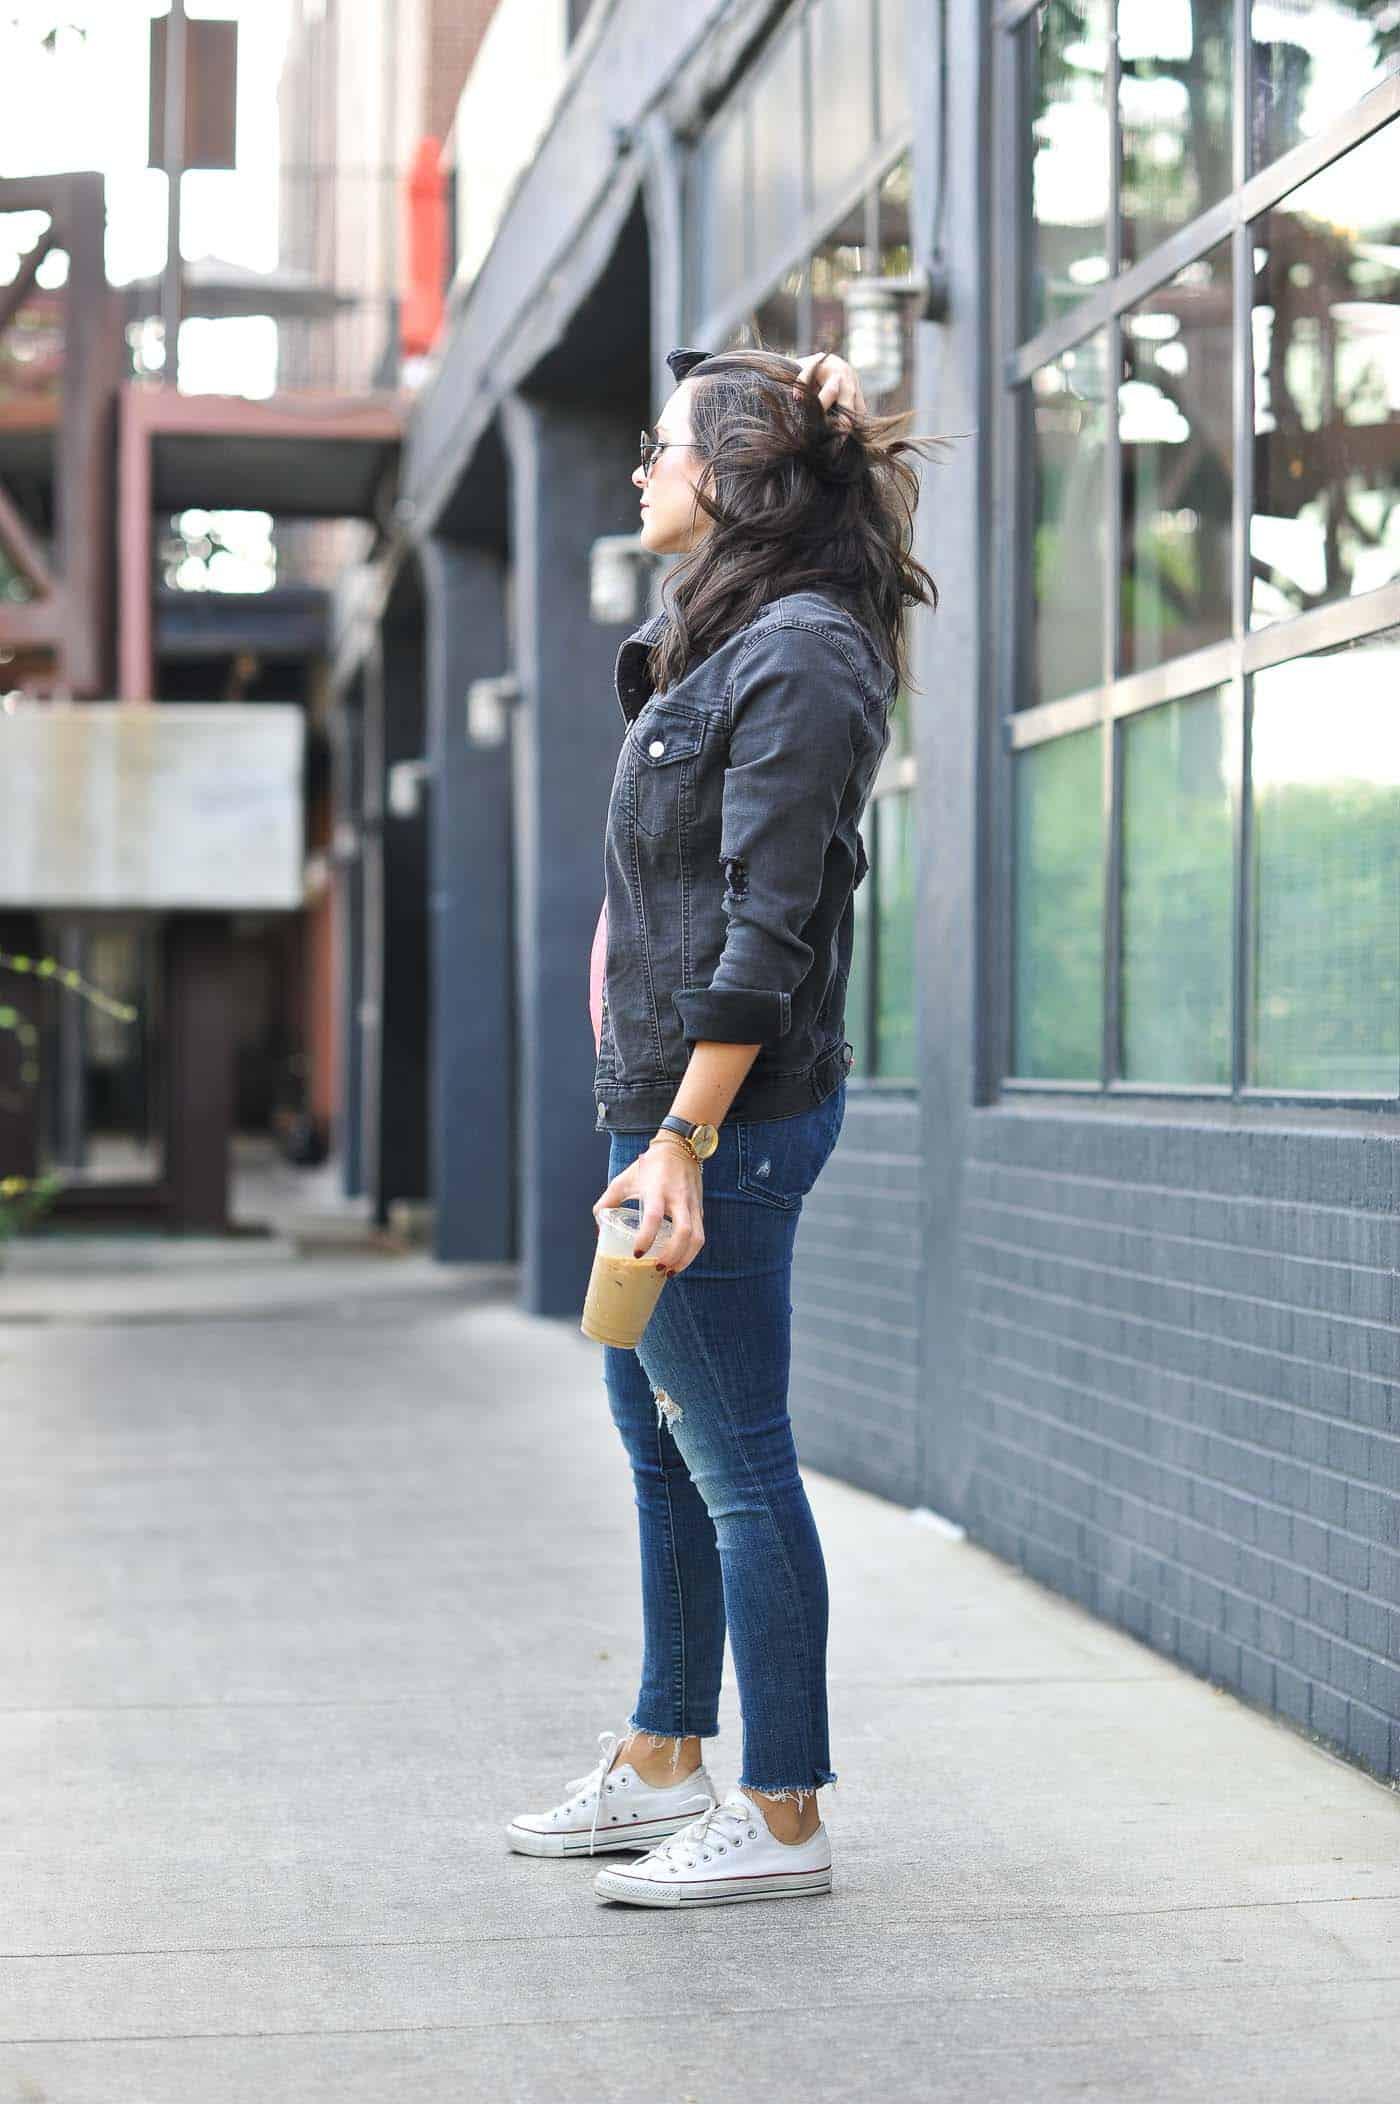 denim on denim, oversized black denim jacket - My Style Vita @mystylevita